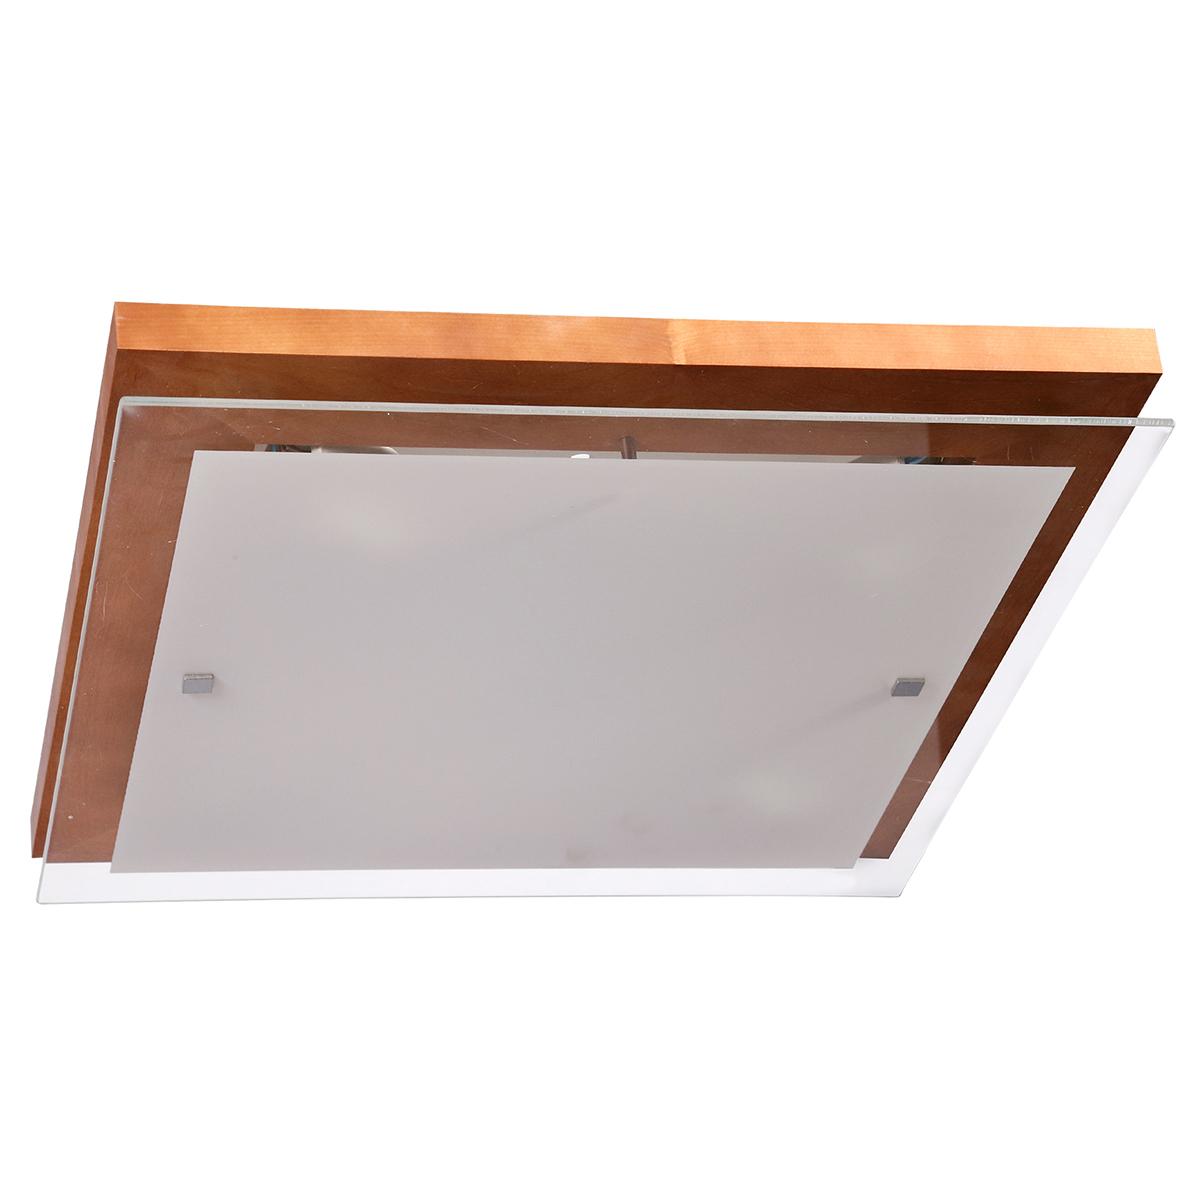 Настенно-потолочный светильник Дубравия Эко106-21-24/2HСветильник настенно-потолочный Эко 4xE27x60Вт Дубравия 106-41-24/3H Элегантная модель этого светильника, который выпускается под брендом Дубравия, относится к серии изделий – Эко. Современный стиль светильника идеально подойдет для гостиной, но также отлично будет смотреться и в других комнатах квартиры и дома. Настенно-потолочный способ крепления позволяет использовать Светильник настенно-потолочный Эко 4xE27x60Вт Дубравия 106-41-24/3H как на стене, так и на потолке, значительно разнообразив варианты декора комнат с помощью этой модели. Основные характеристики плафона: форма плафона – прямоугольный основной цвет плафона – белый материал плафона – стекло поверхность плафона – матовая Позволяют легко вписать эту модель светильника в любой дизайн квартиры или дома. При производстве этой модели светильника используется дерево в качестве материала для арматуры, которая окрашена в цвет – венге. Лампочки с цоколем E27 и используемой мощностью – 4x60Вт рассчитаны на максимальную площадь освещения – 12-20 кв.м. Производитель светильников под брендом Дубравия гарантирует неизменное качество продукции и поддержку высокого уровня сервиса для своих потребителей.